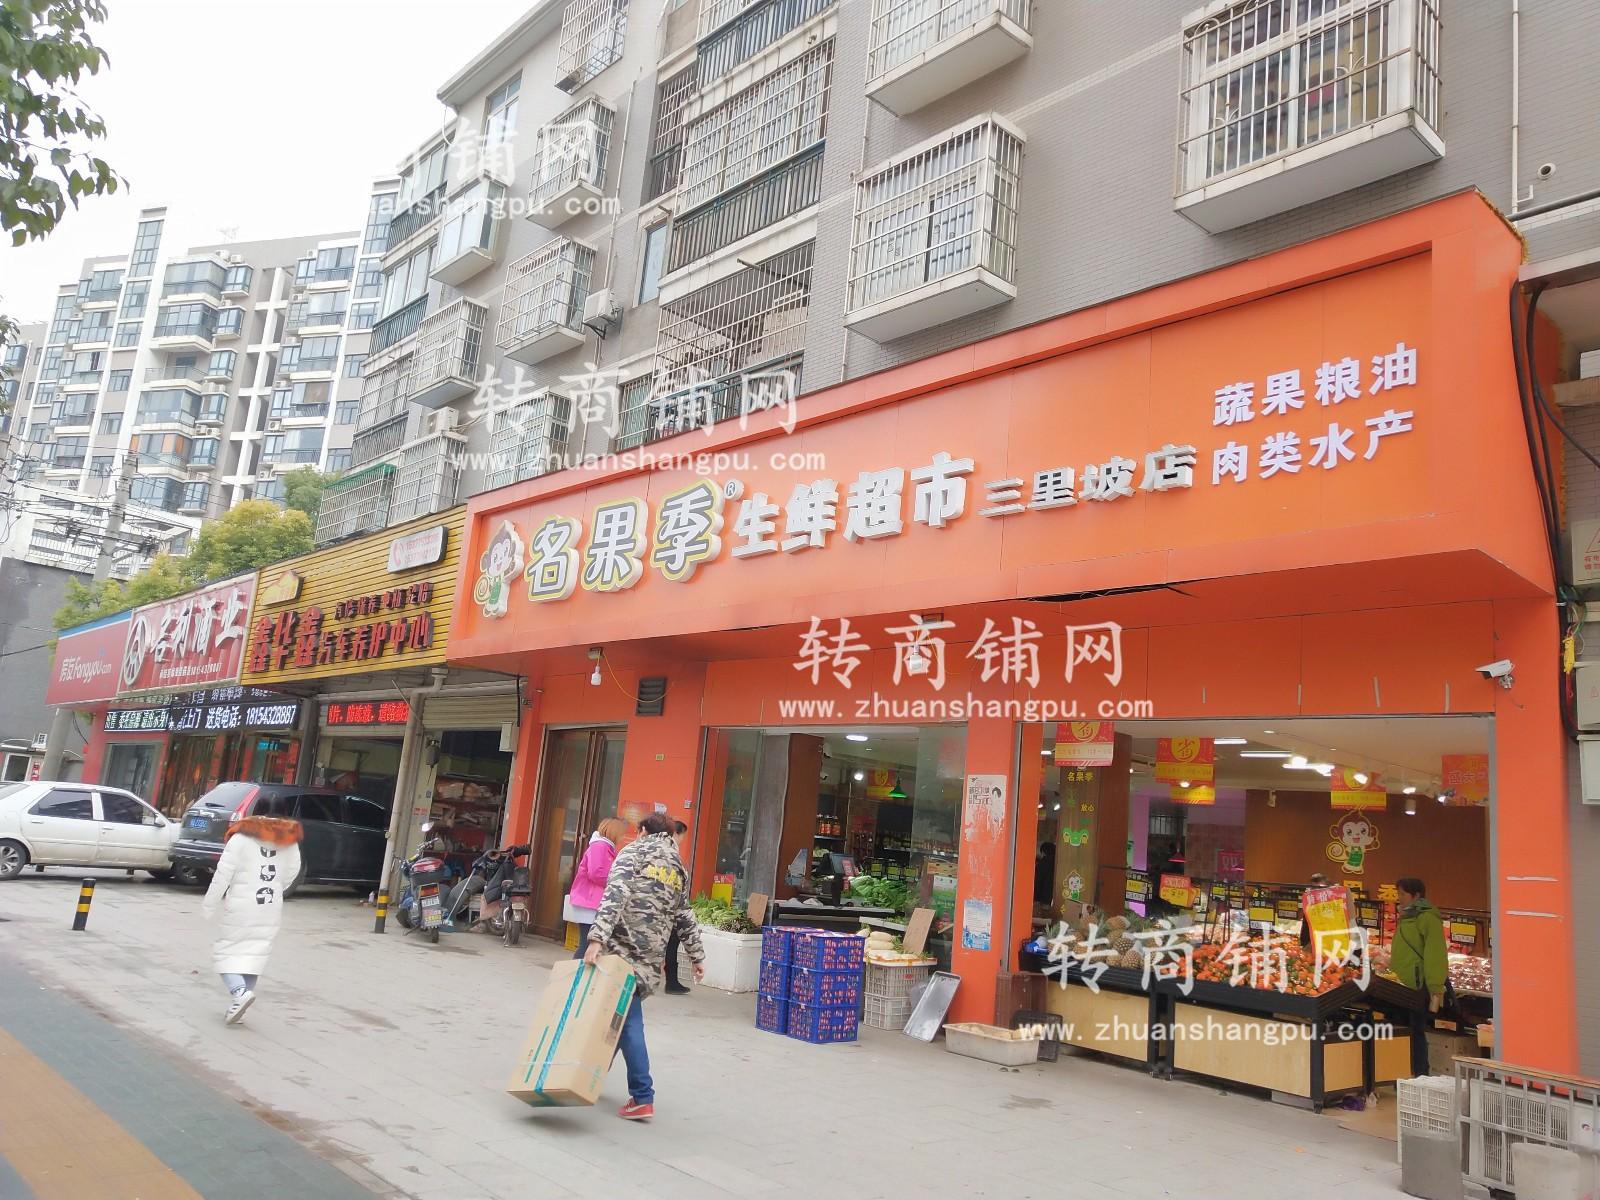 汉阳150㎡双门头生鲜水果店急转